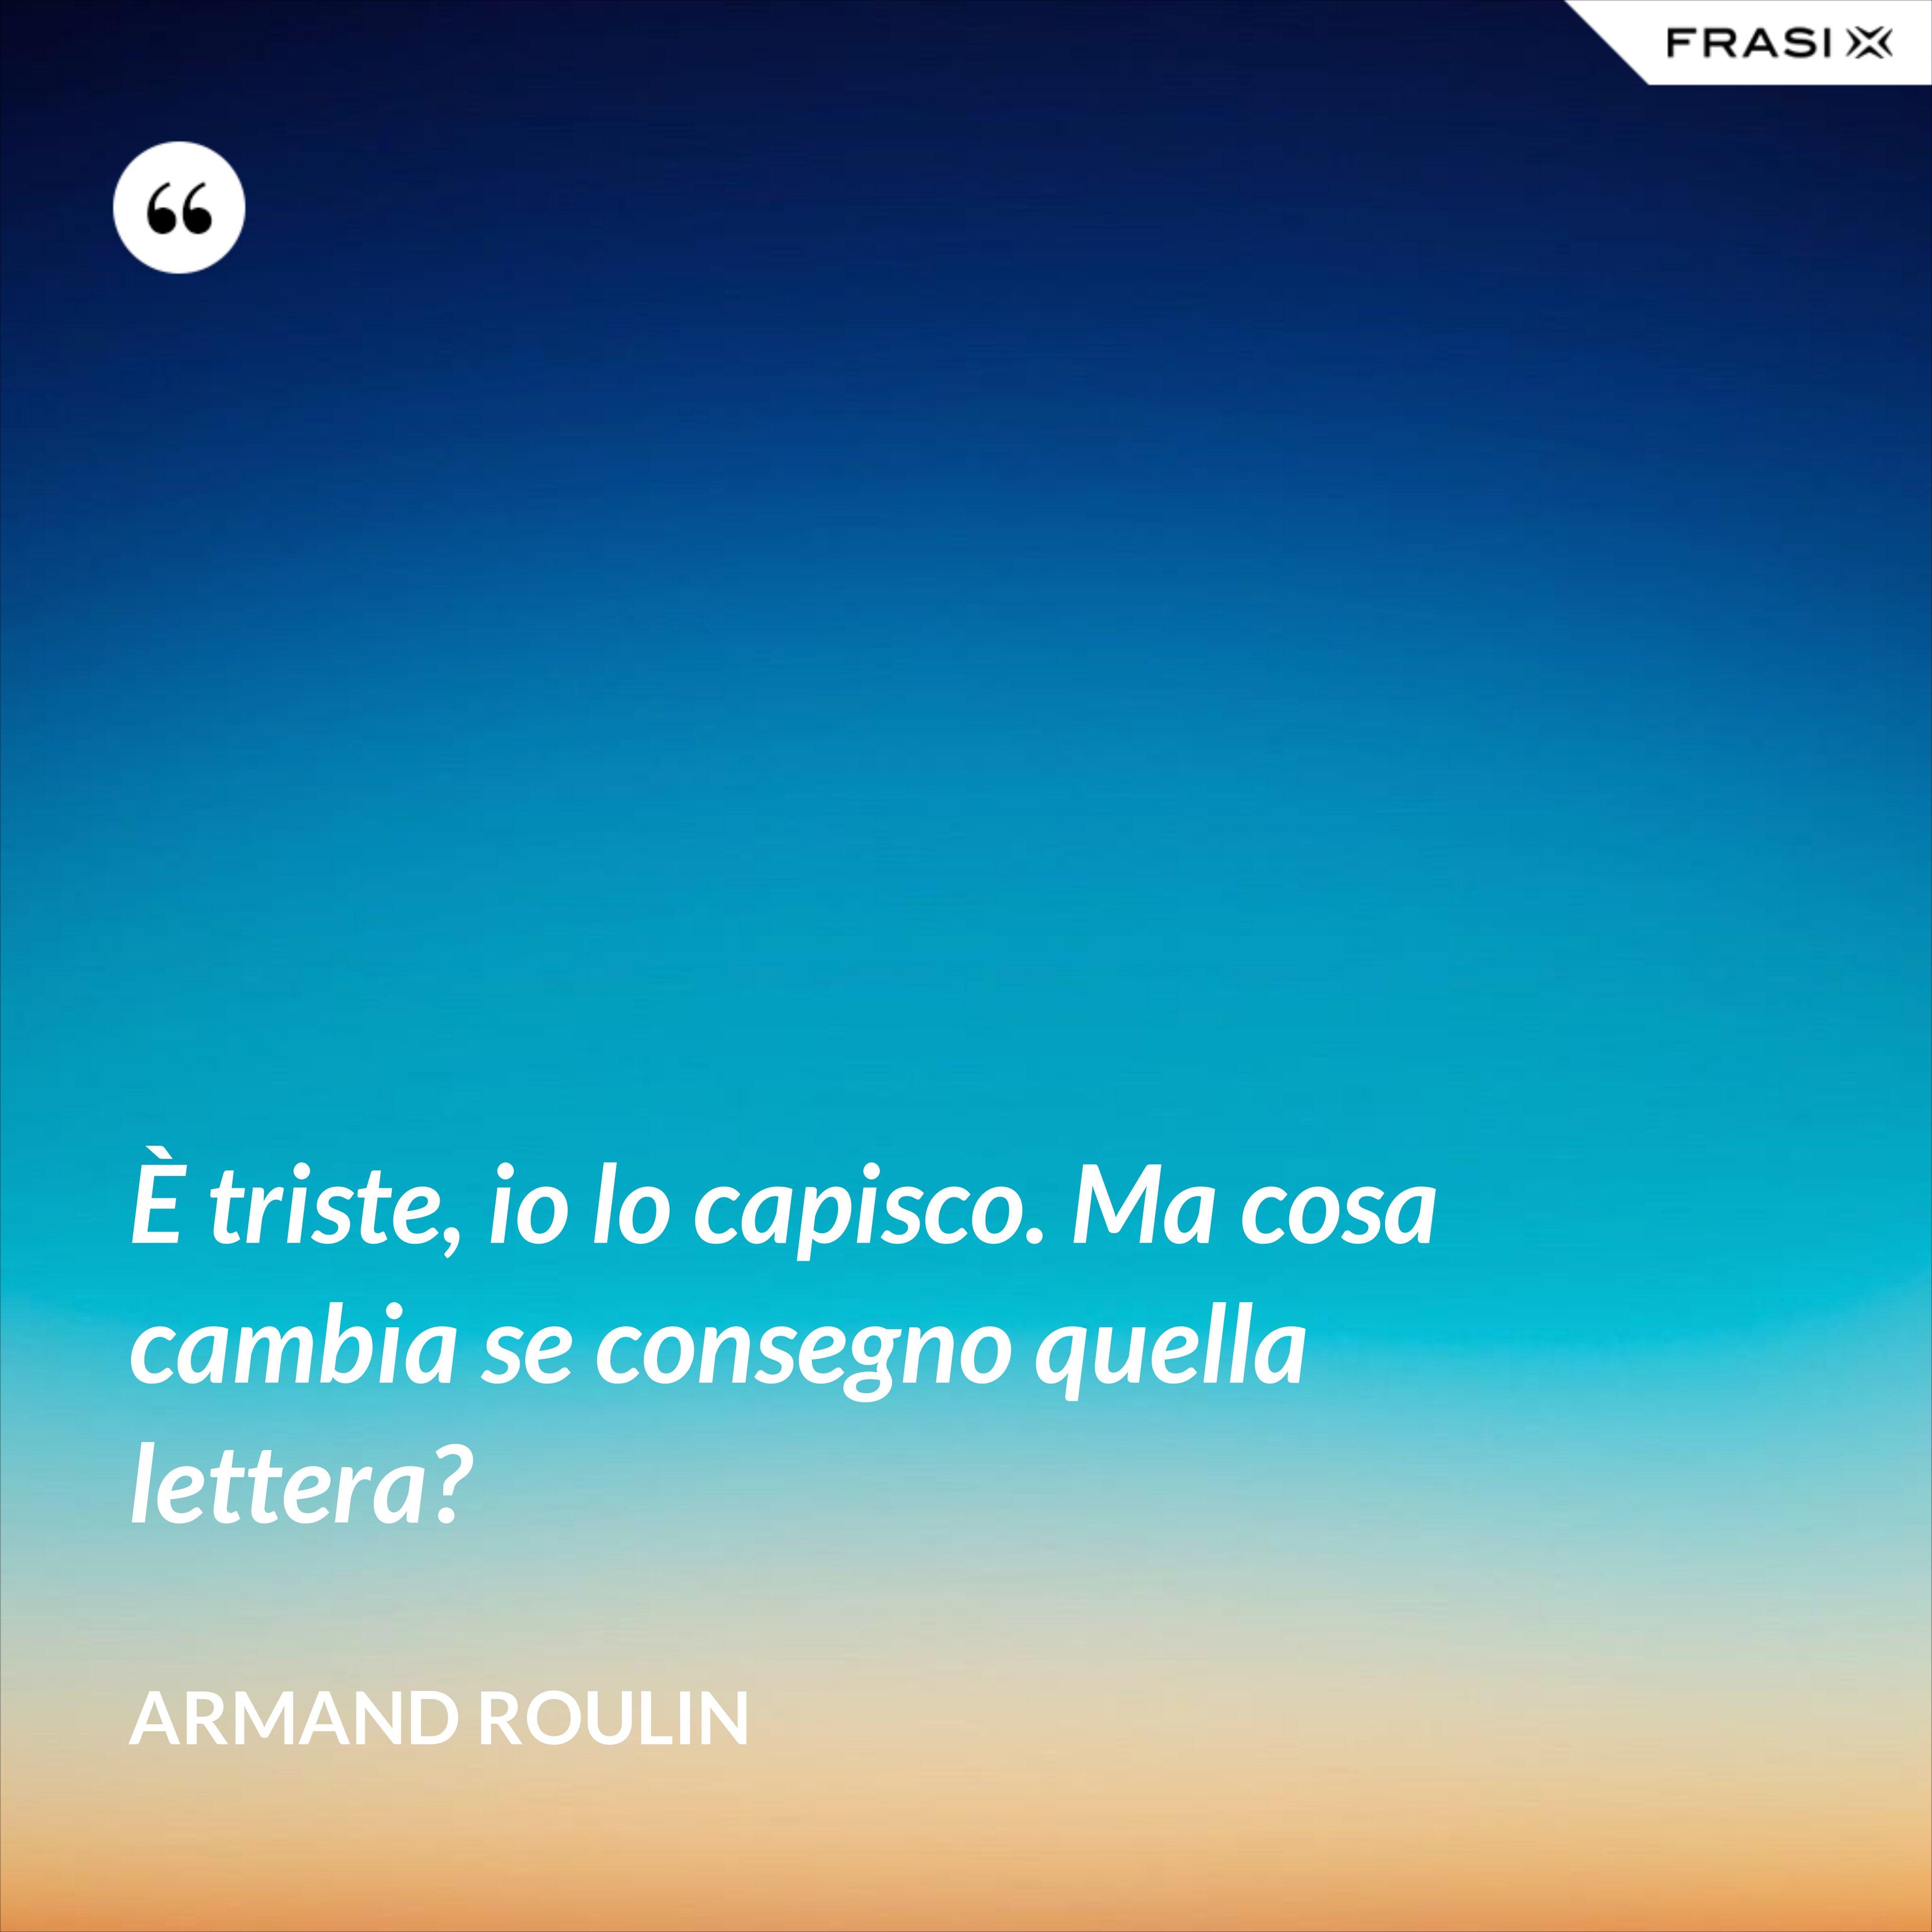 È triste, io lo capisco. Ma cosa cambia se consegno quella lettera? - Armand Roulin